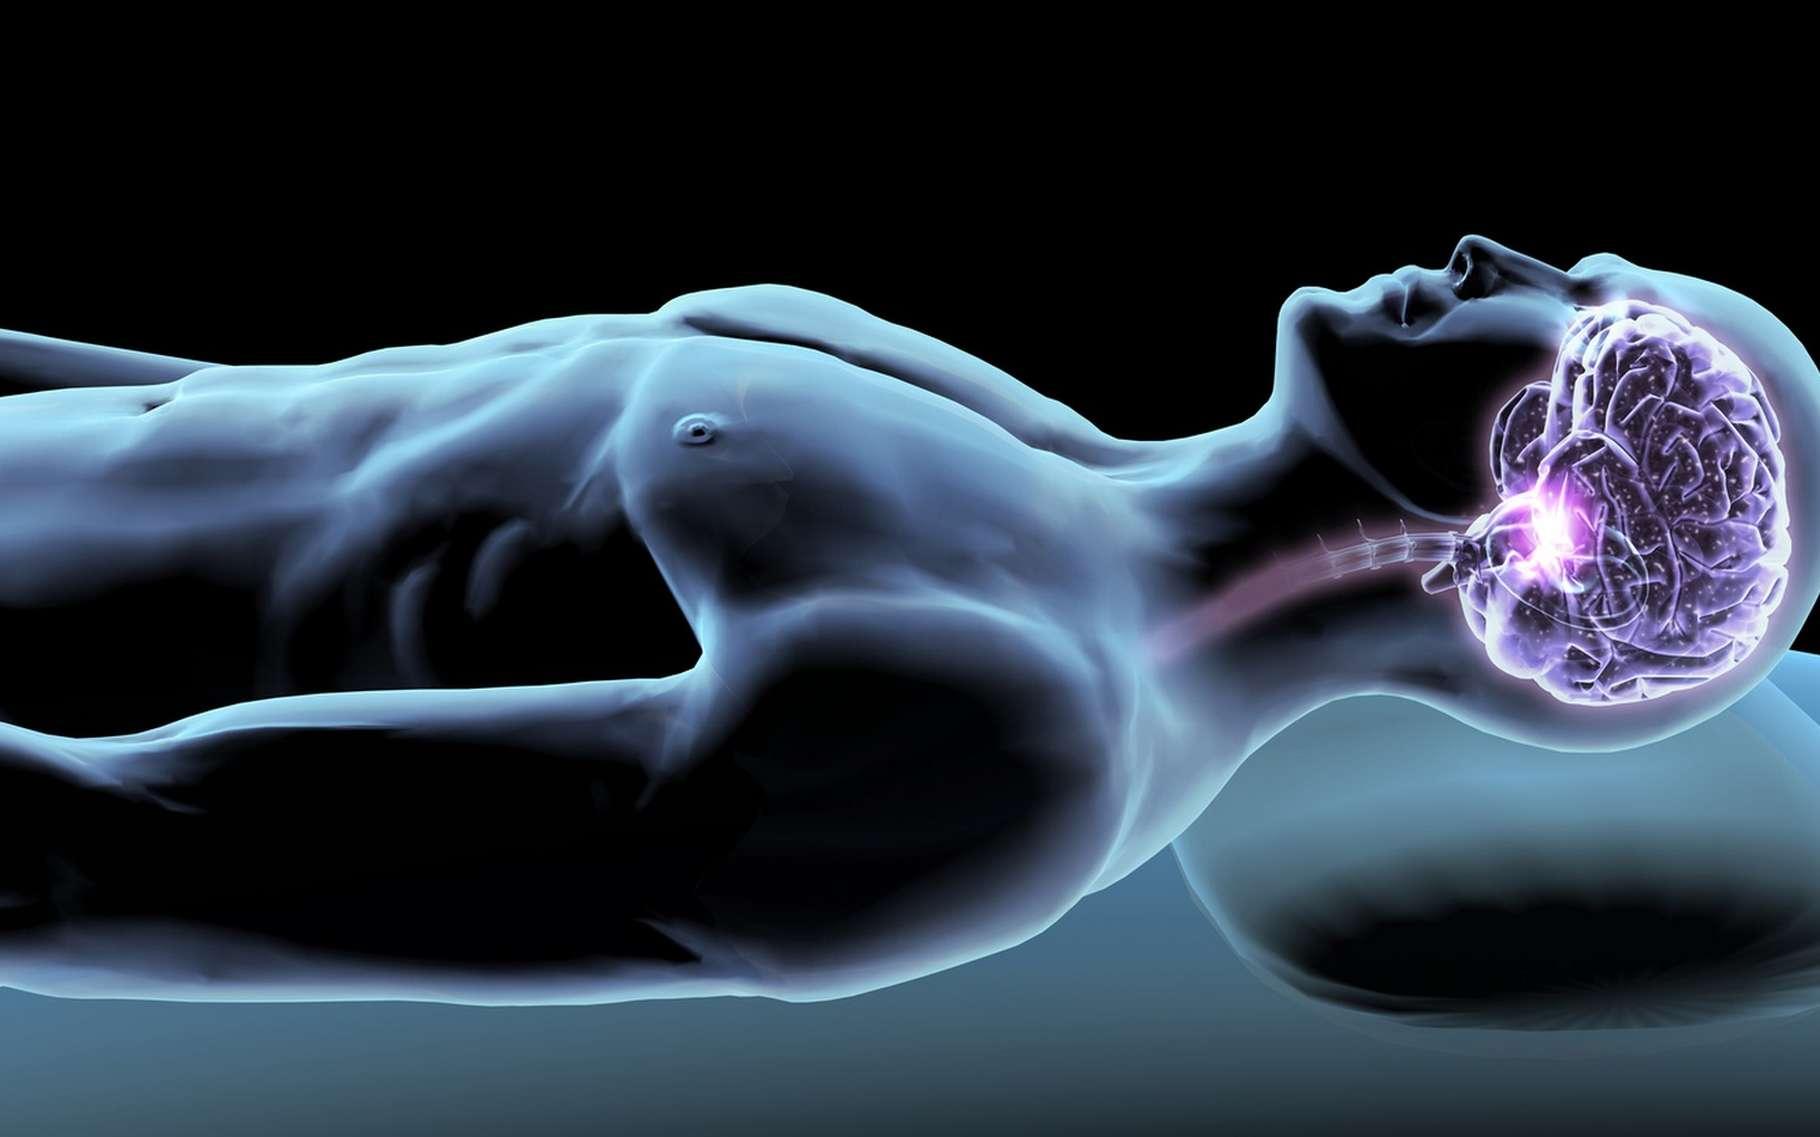 Le suivi des troubles du sommeil pourrait énormément gagner en souplesse grâce à ce nouveau système sans fil. © Hank, Fotolia